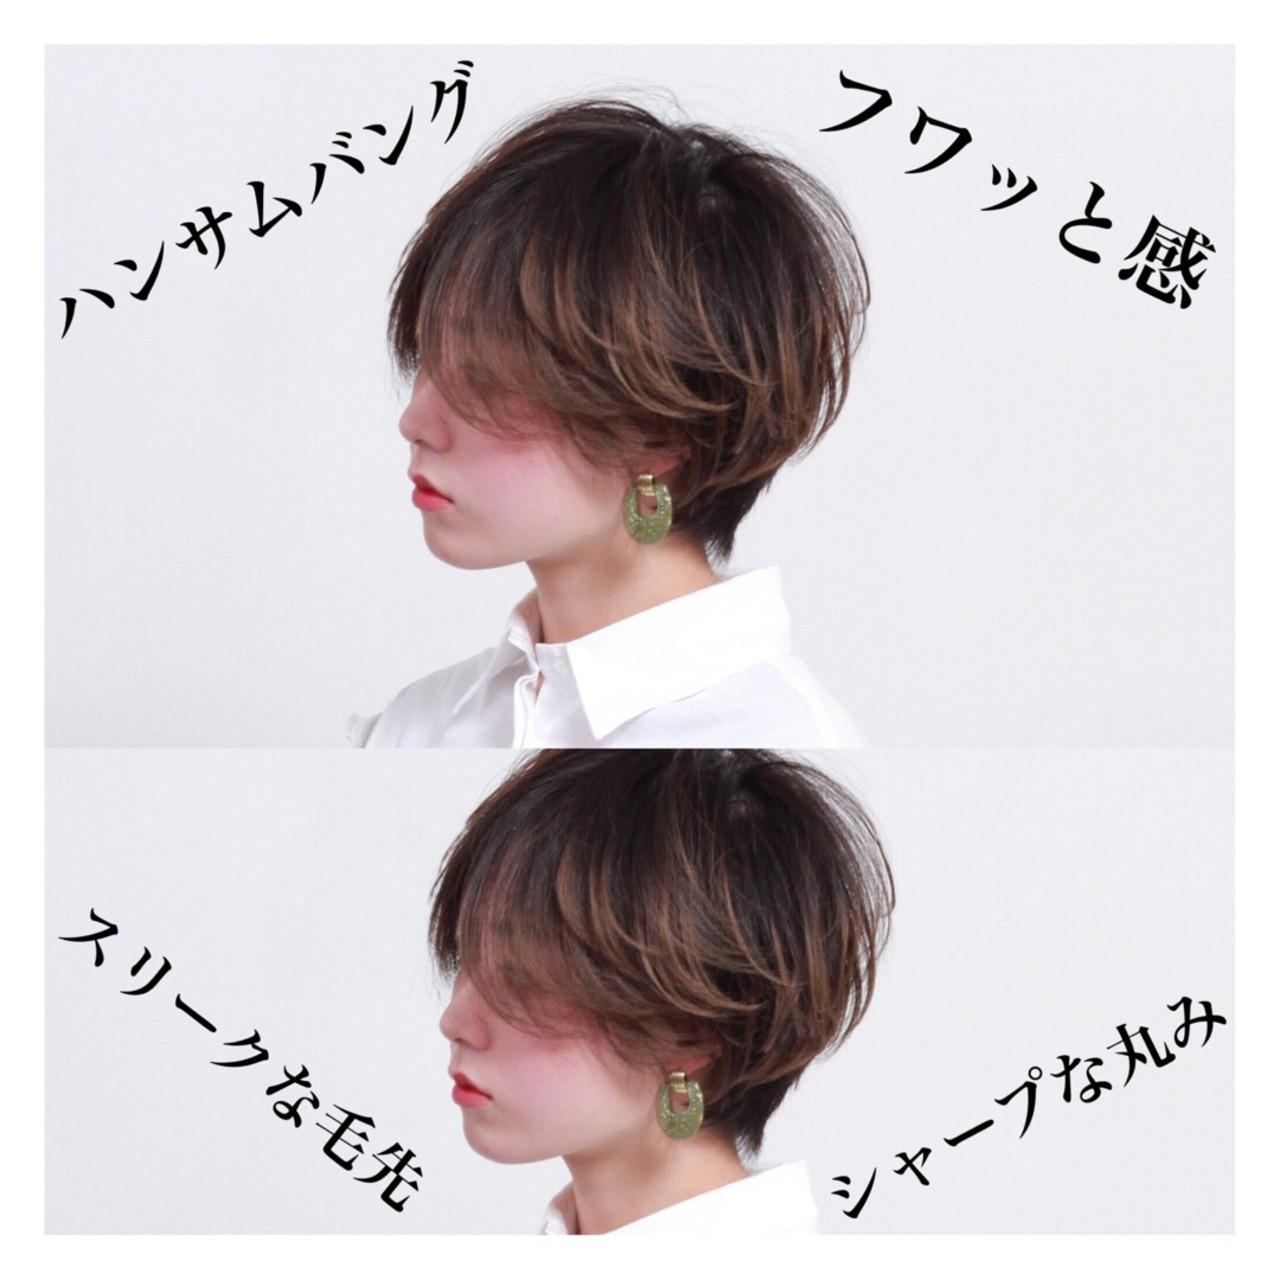 ナチュラル ショート ショートボブ マッシュショート ヘアスタイルや髪型の写真・画像 | 池上 一星 / GINZA PEEK-A-BOO 中央通り店